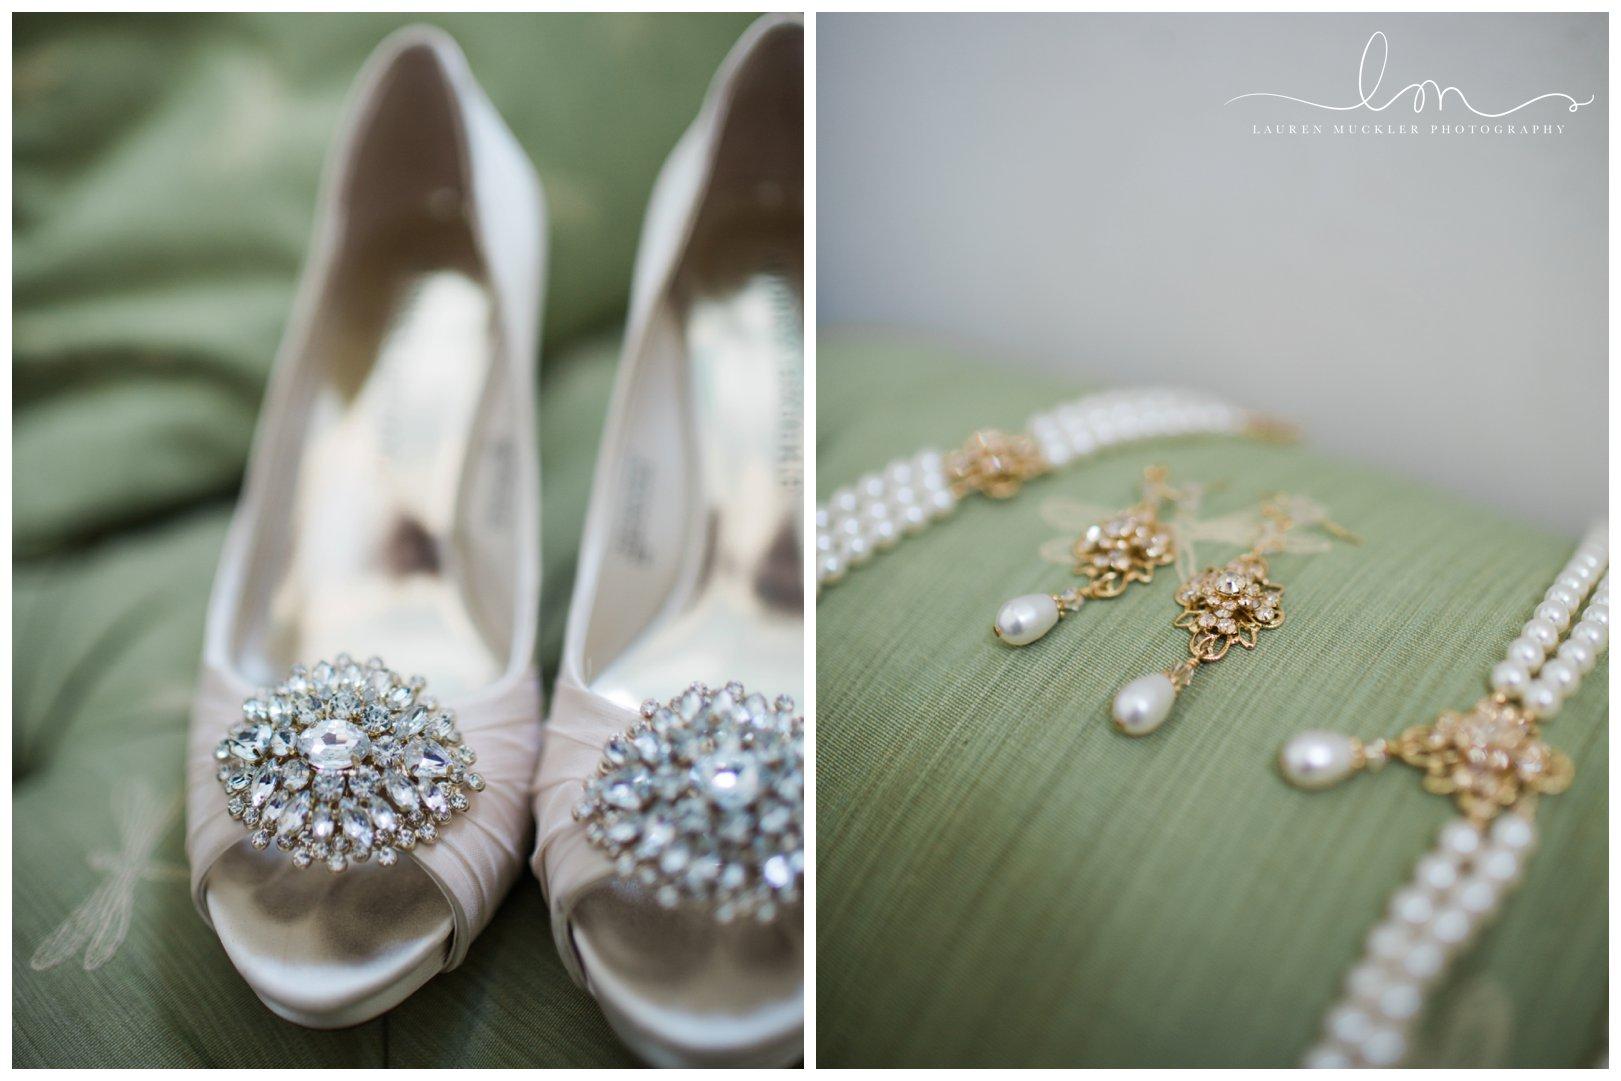 lauren muckler photography_fine art film wedding photography_st louis_photography_0458.jpg